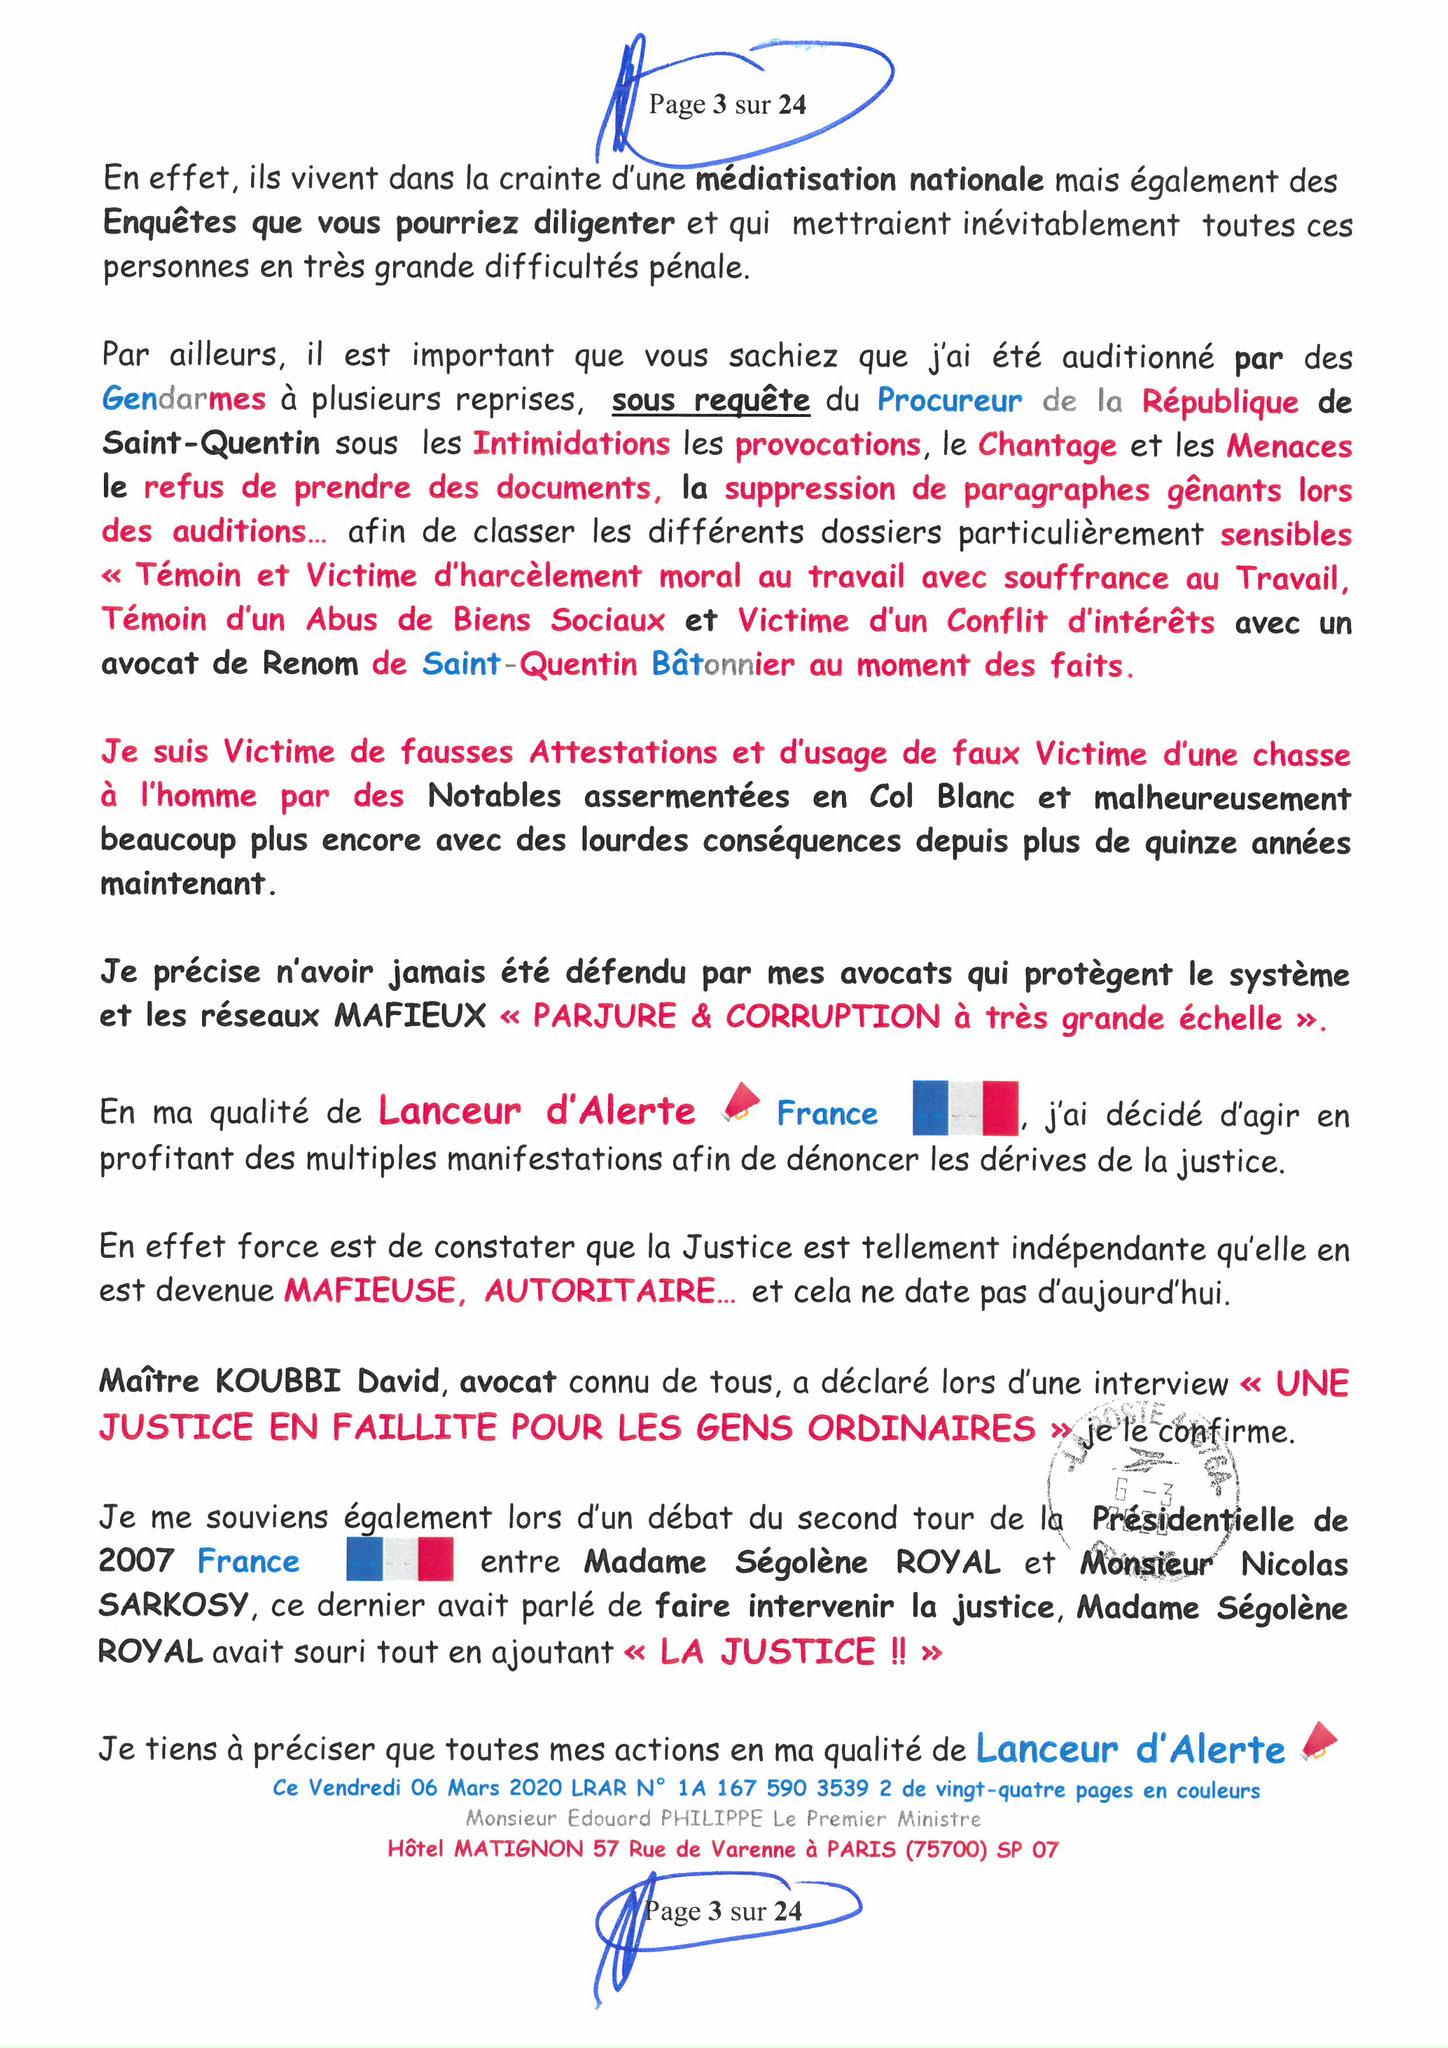 Ma LRAR à Monsieur le  Premier Ministre Edouard PHILIPPE N° 1A 167 590 3539 2 Page 3 sur 24 en Couleur du 06 Mars 2020  www.jesuispatrick.fr www.jesuisvictime.fr www.alerte-rouge-france.fr